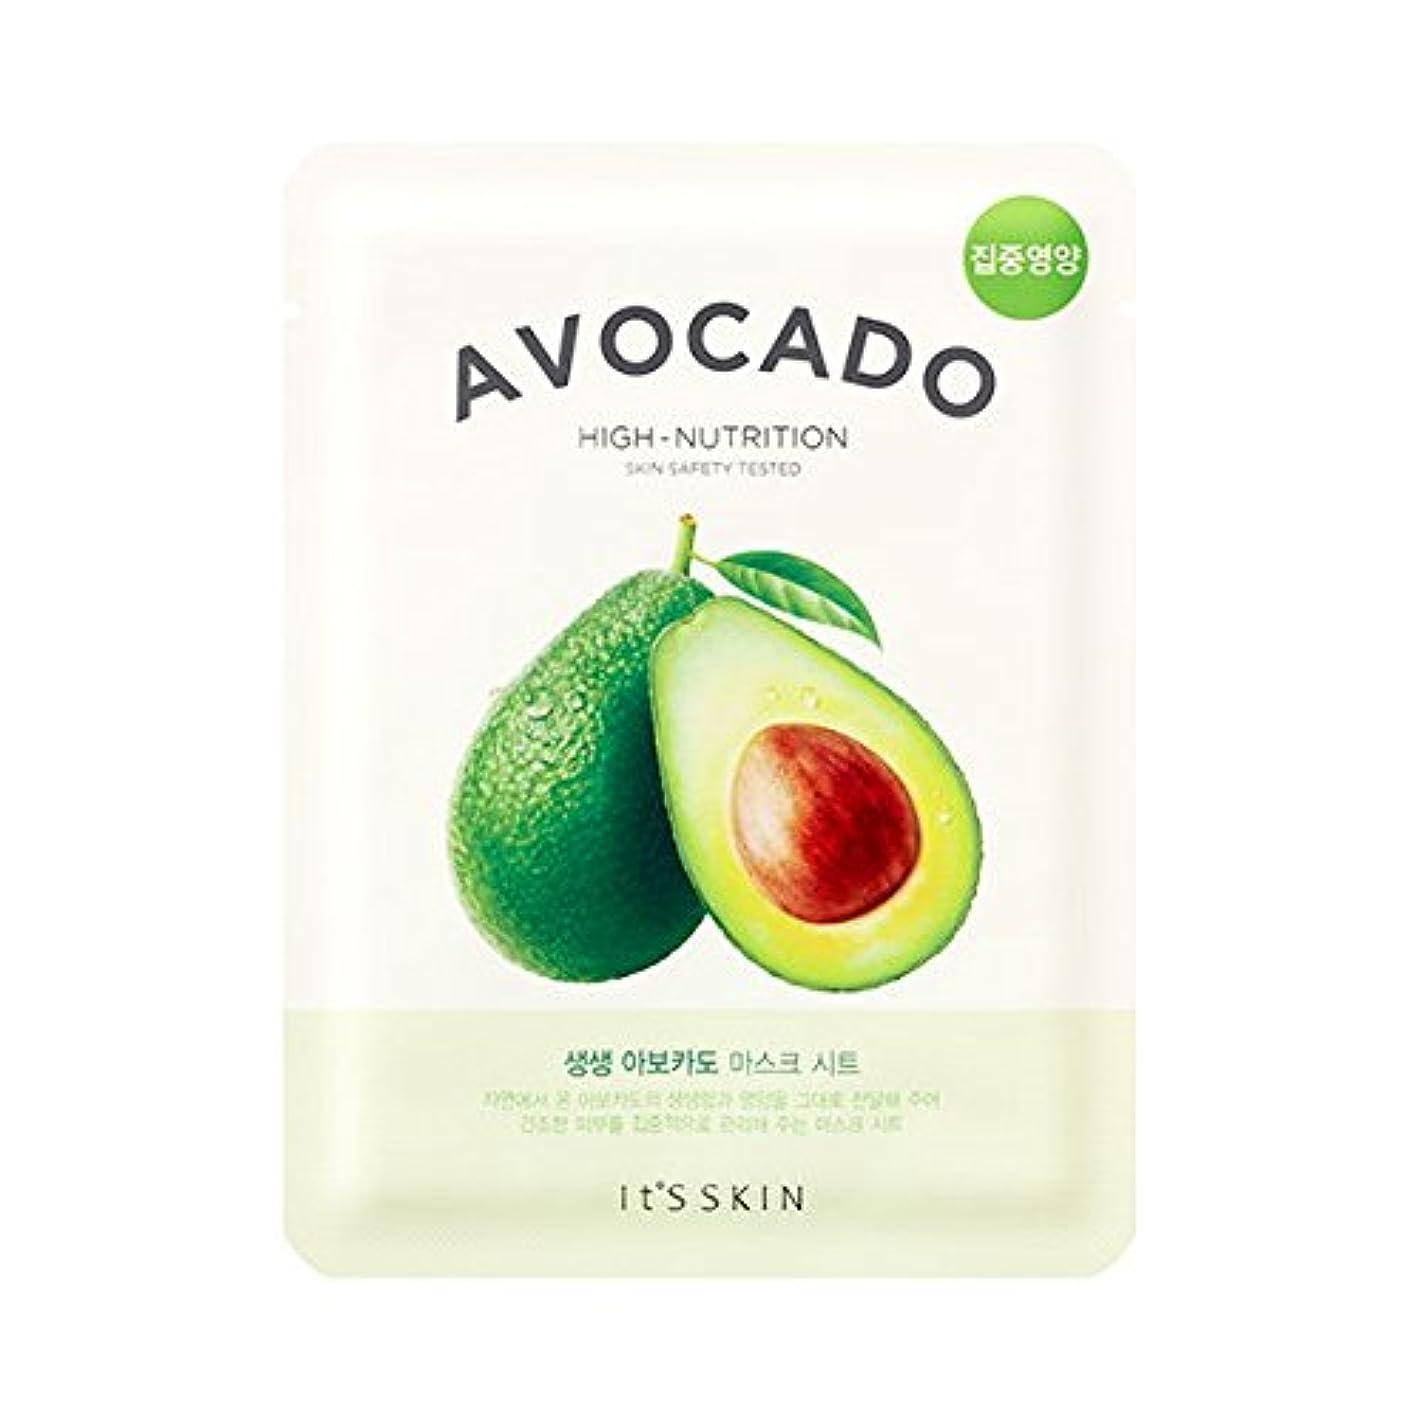 落とし穴気まぐれなカスケード(3 Pack) ITS SKIN The Fresh Mask Sheet Avocado (並行輸入品)